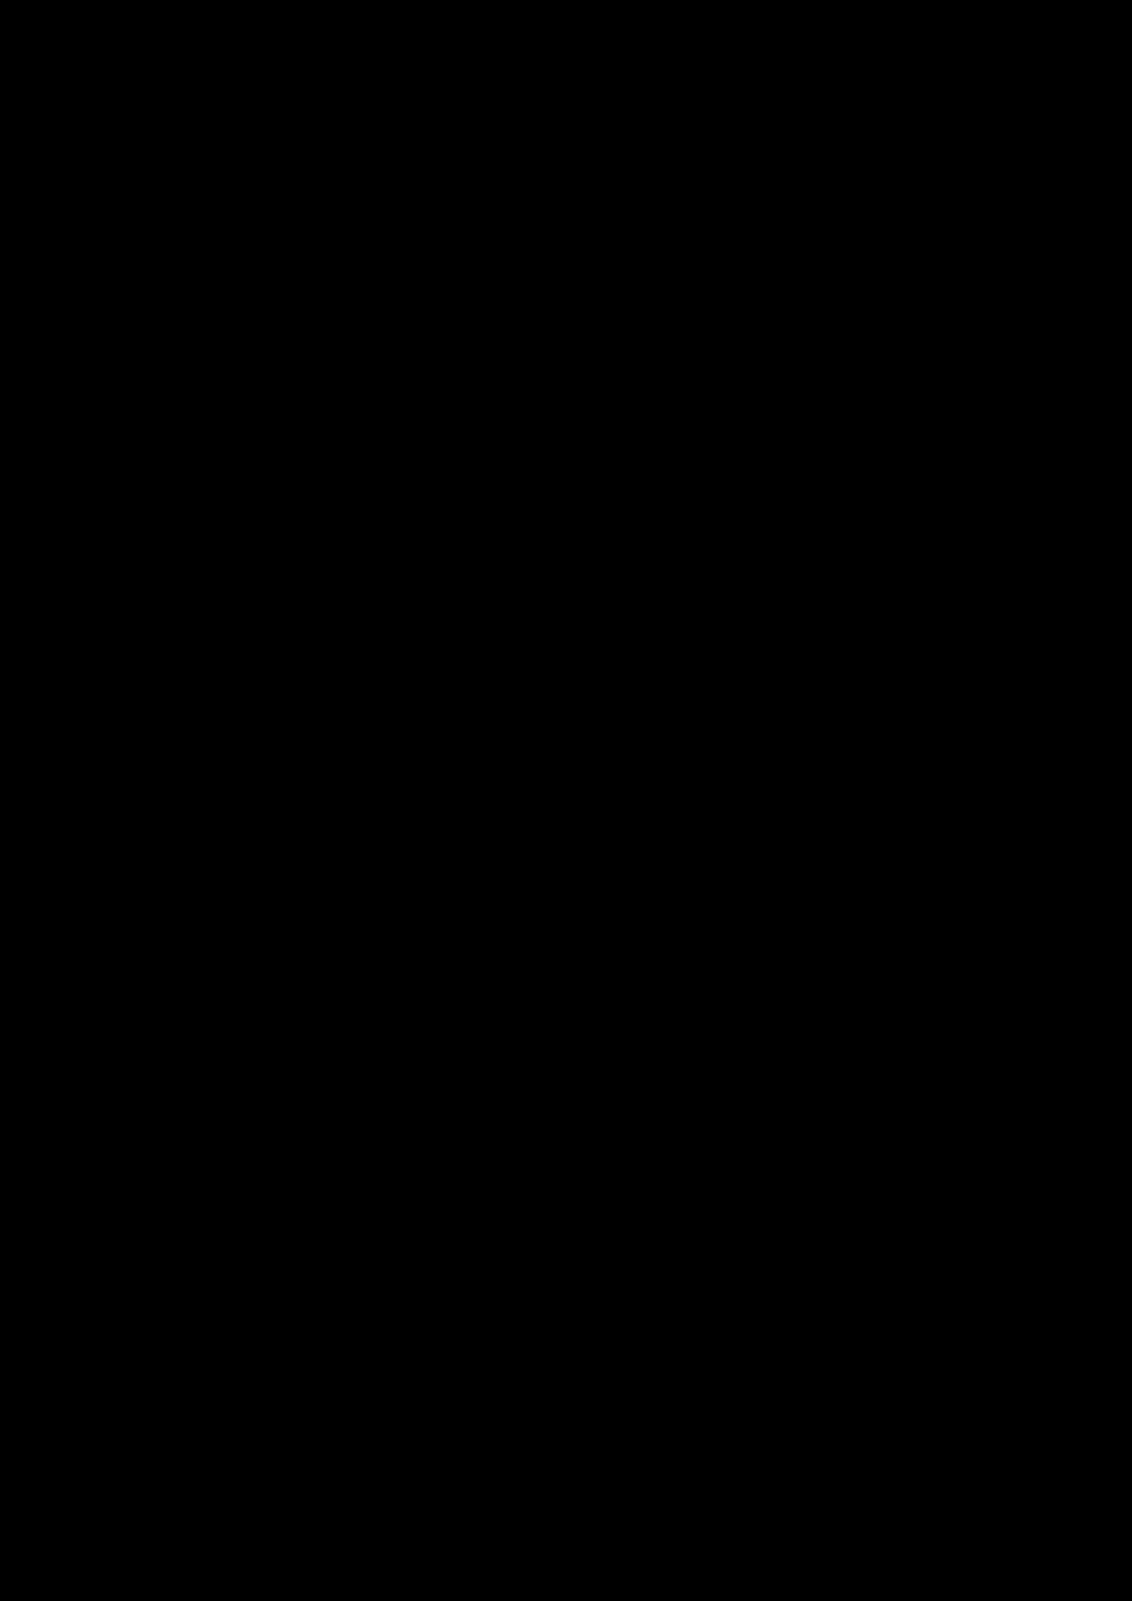 Serdtse slide, Image 73